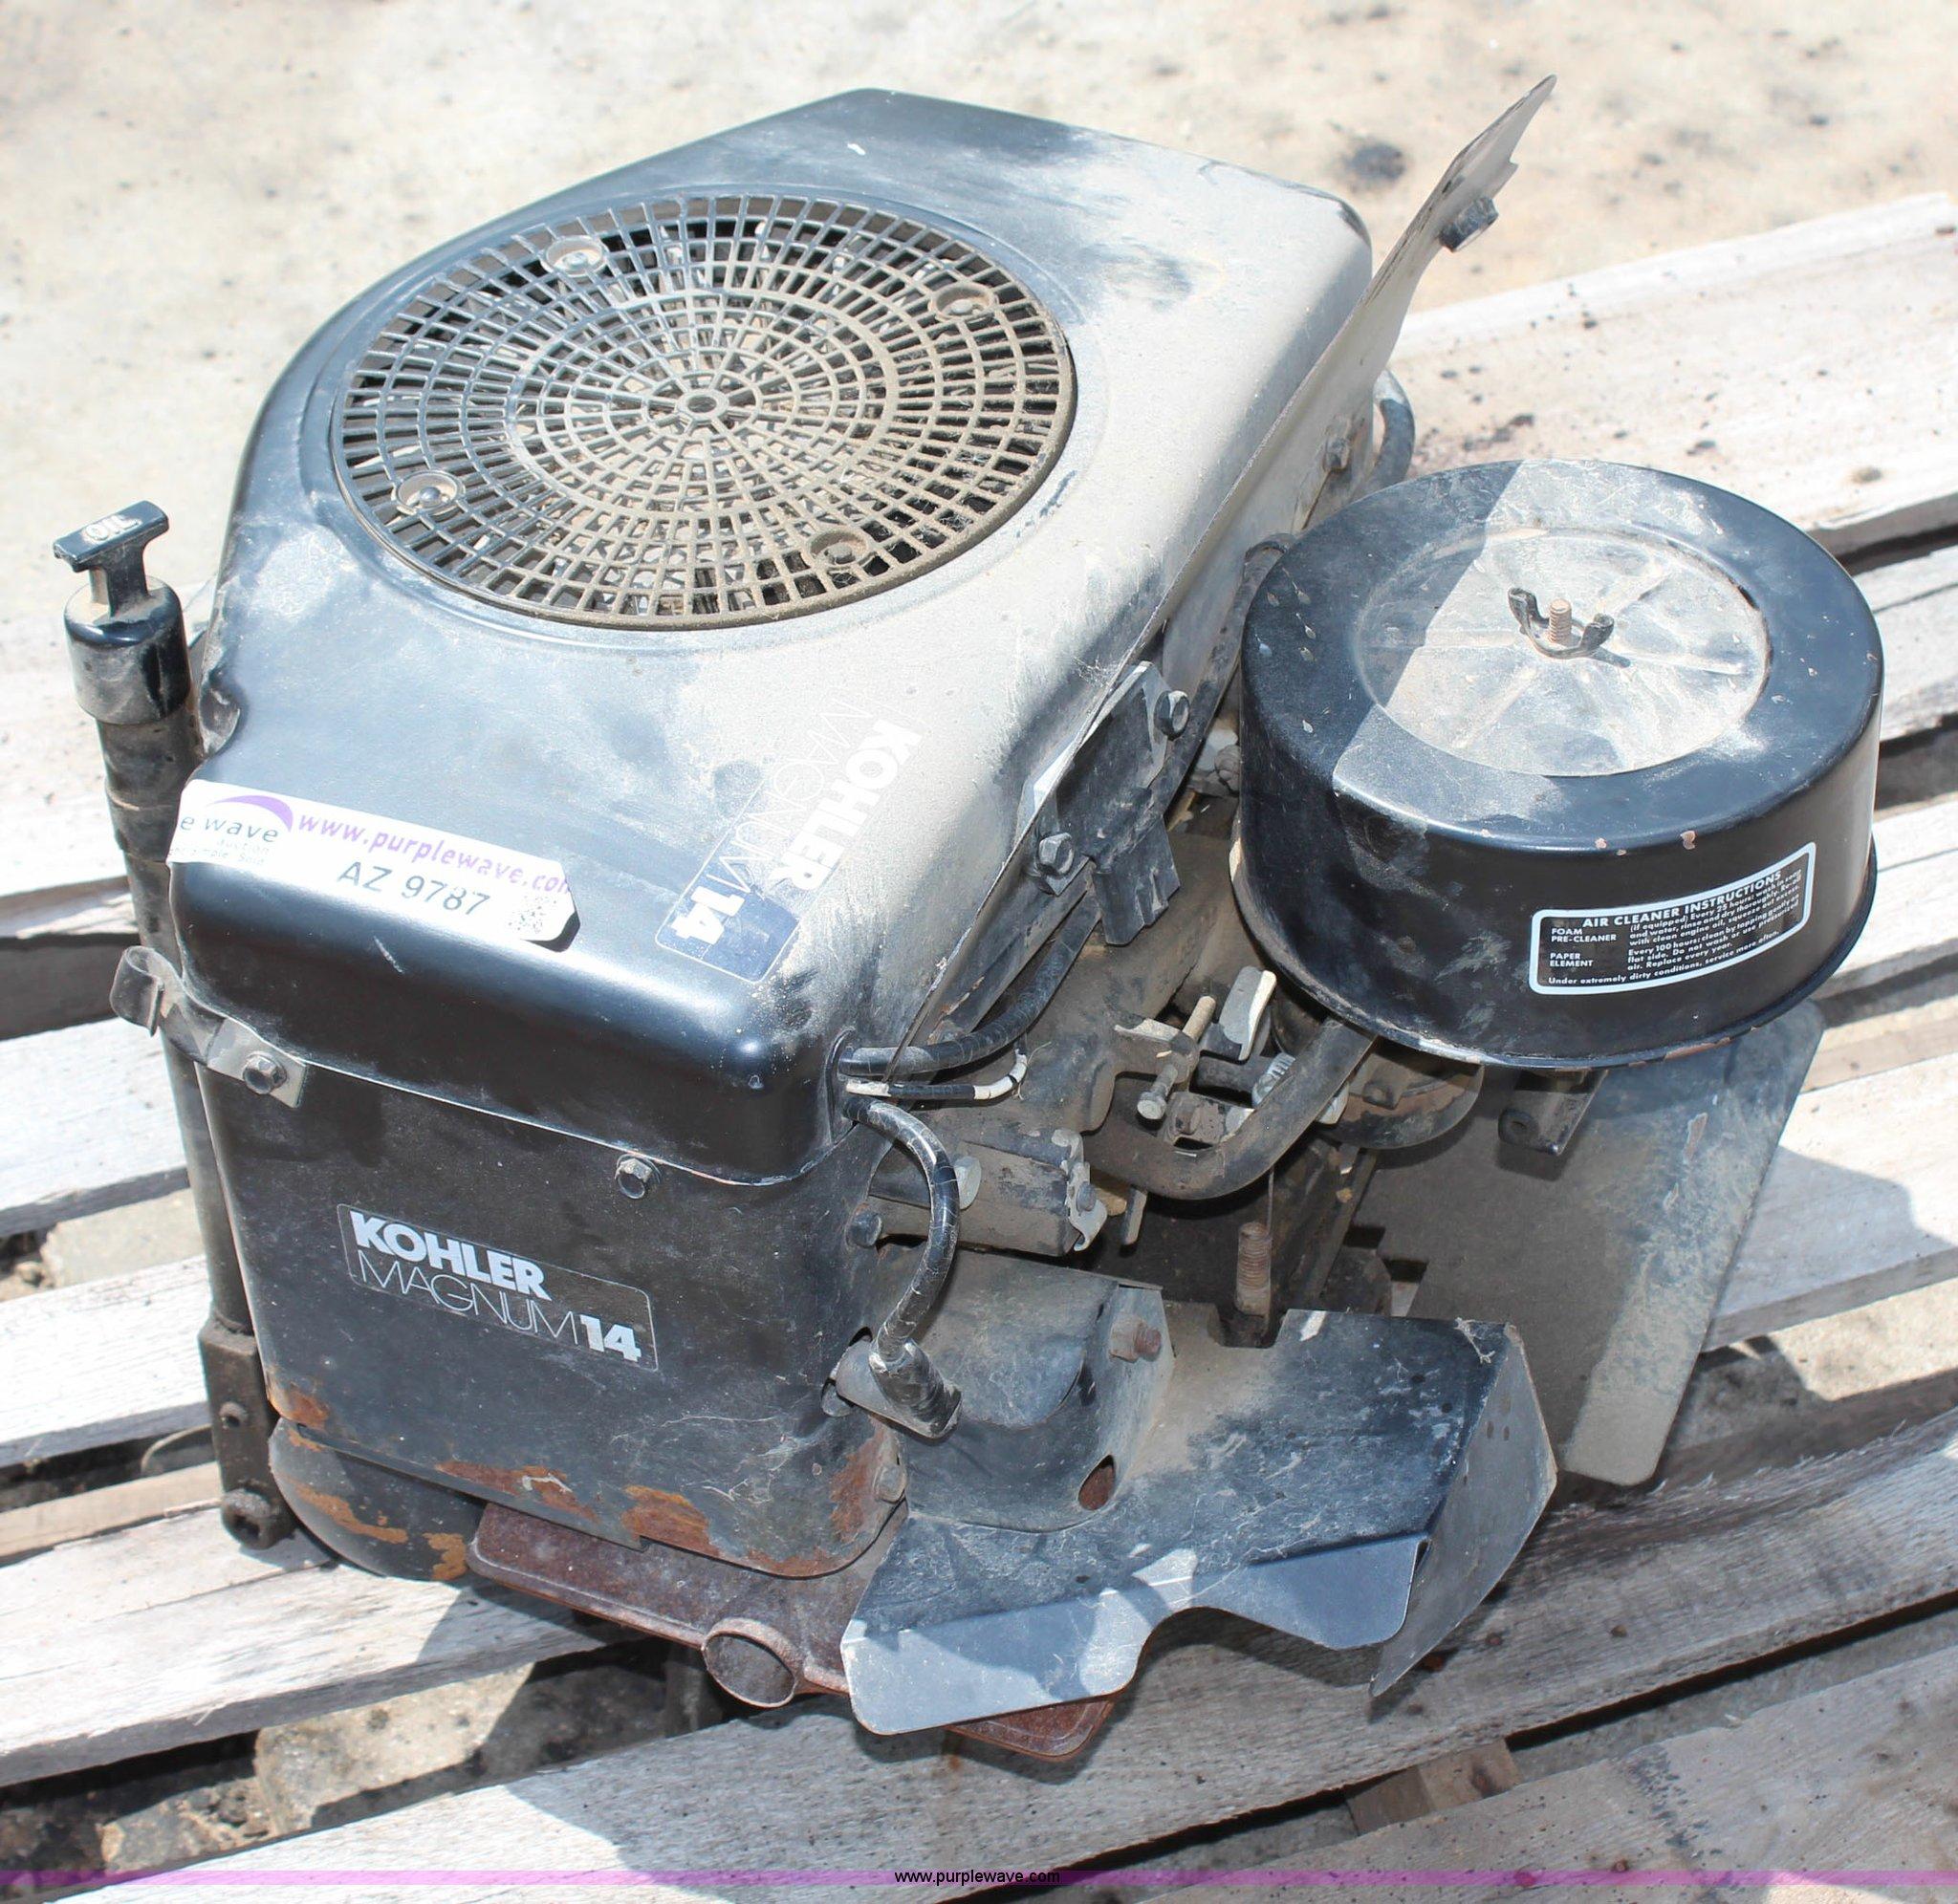 Kohler Magnum 14 HP gas engine | Item AZ9787 | SOLD! June 25